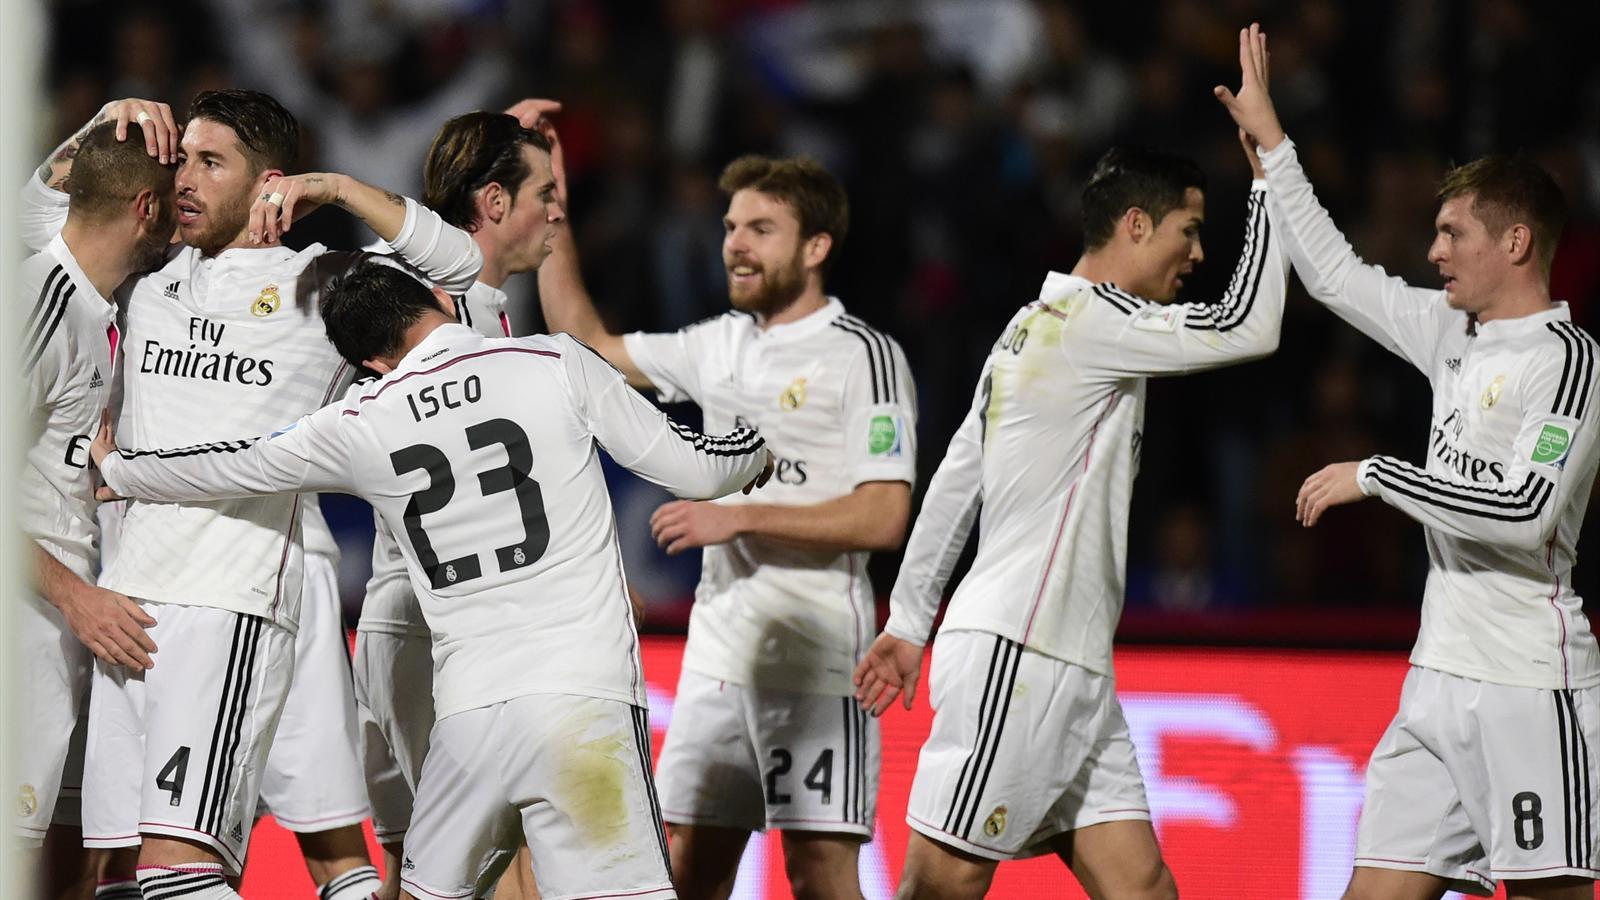 Coupe du monde des clubs 2014 le real madrid crase cruz azul 4 0 et se hisse en finale - Coupe du monde des clubs 2009 ...